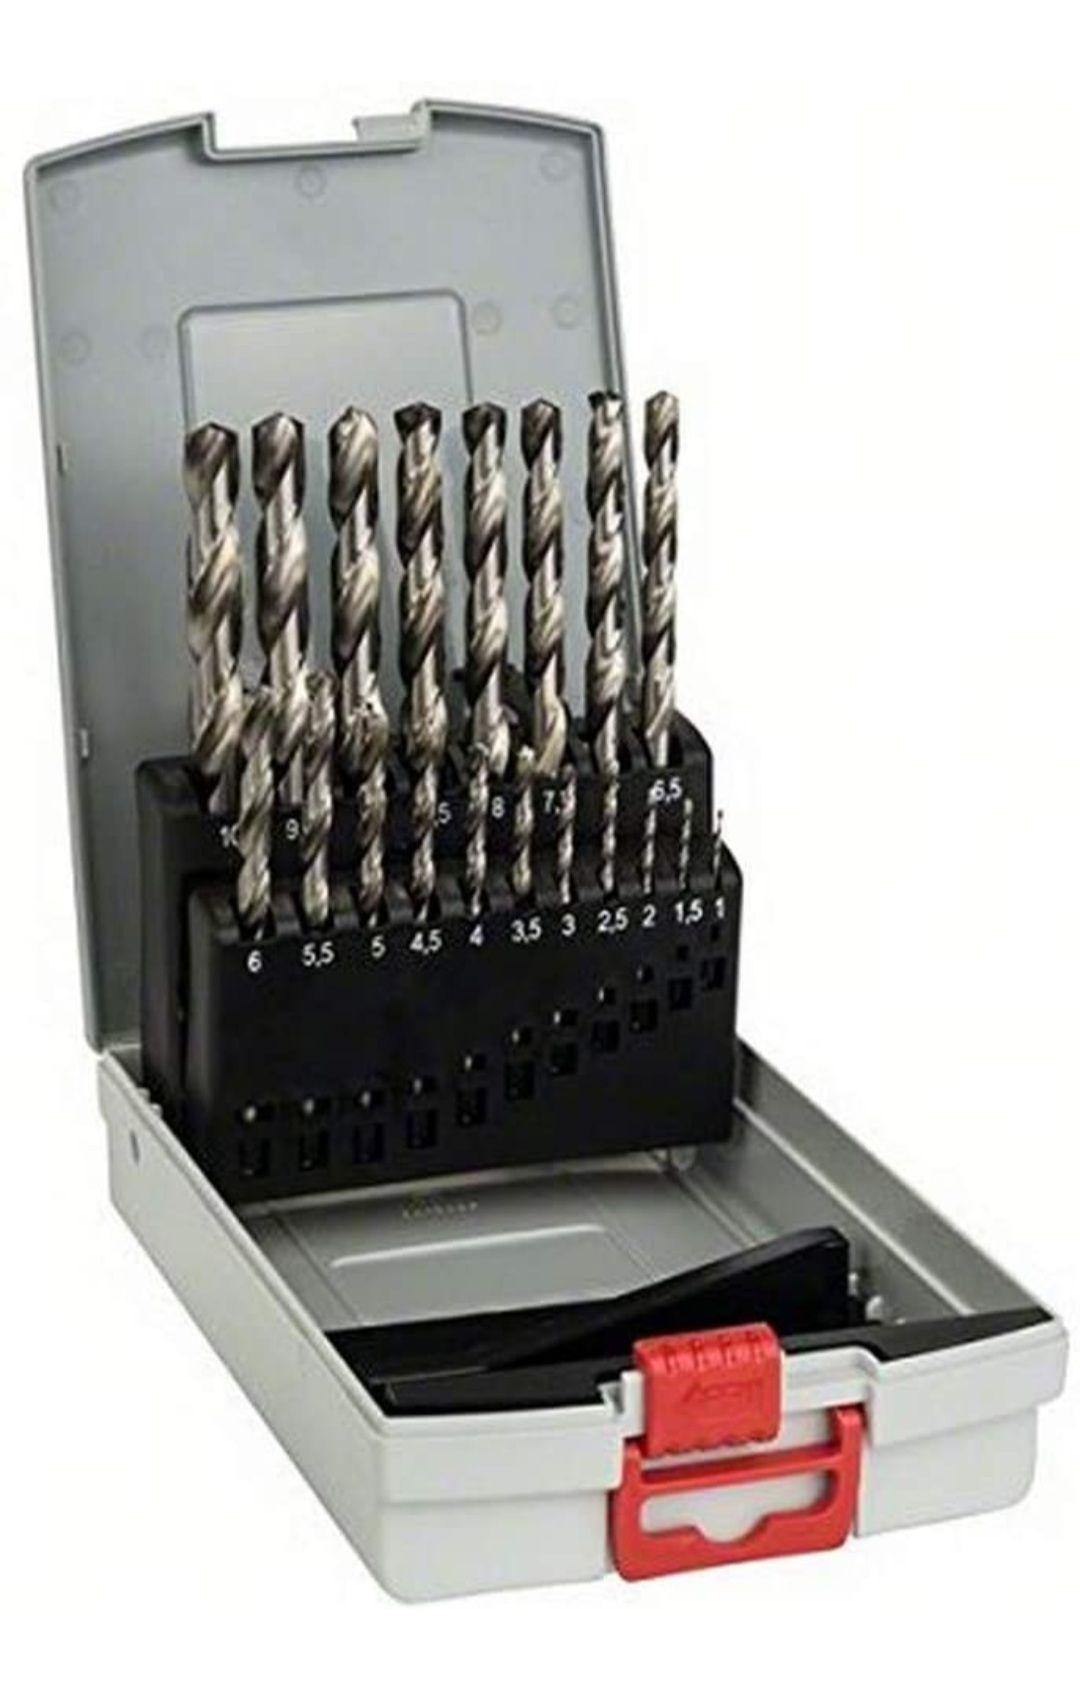 Bosch Professional 19tlg. ProBox Metallbohrer Set HSS-G geschliffen, Zubehör Bohrschrauber und Bohrständer (Prime)